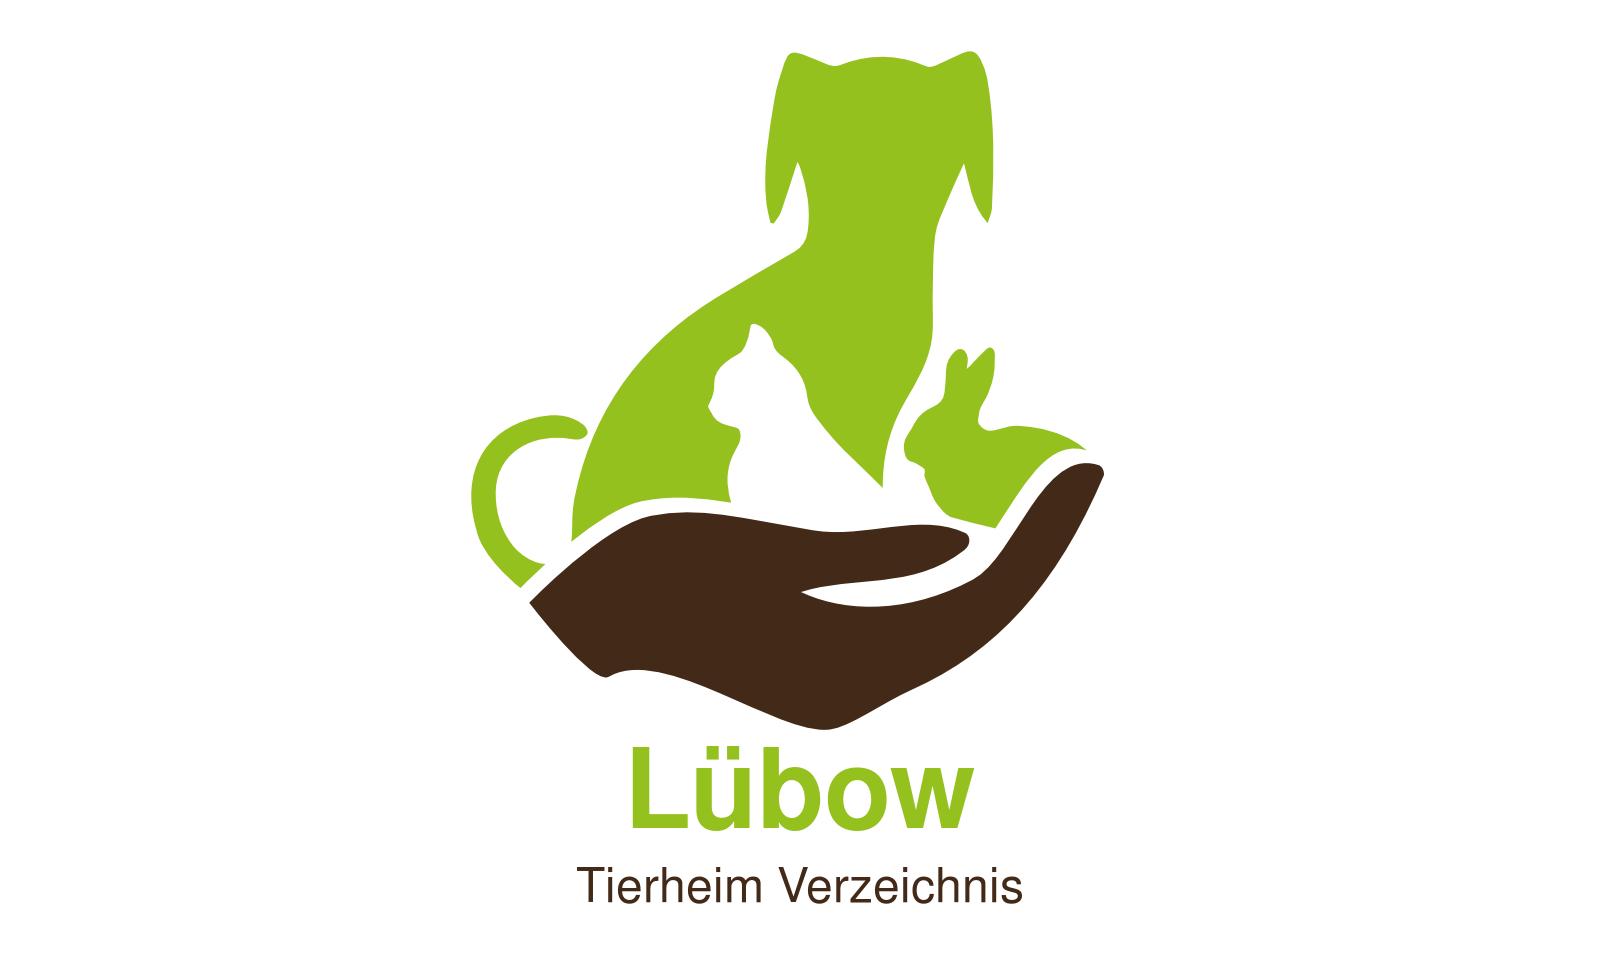 Tierheim Lübow